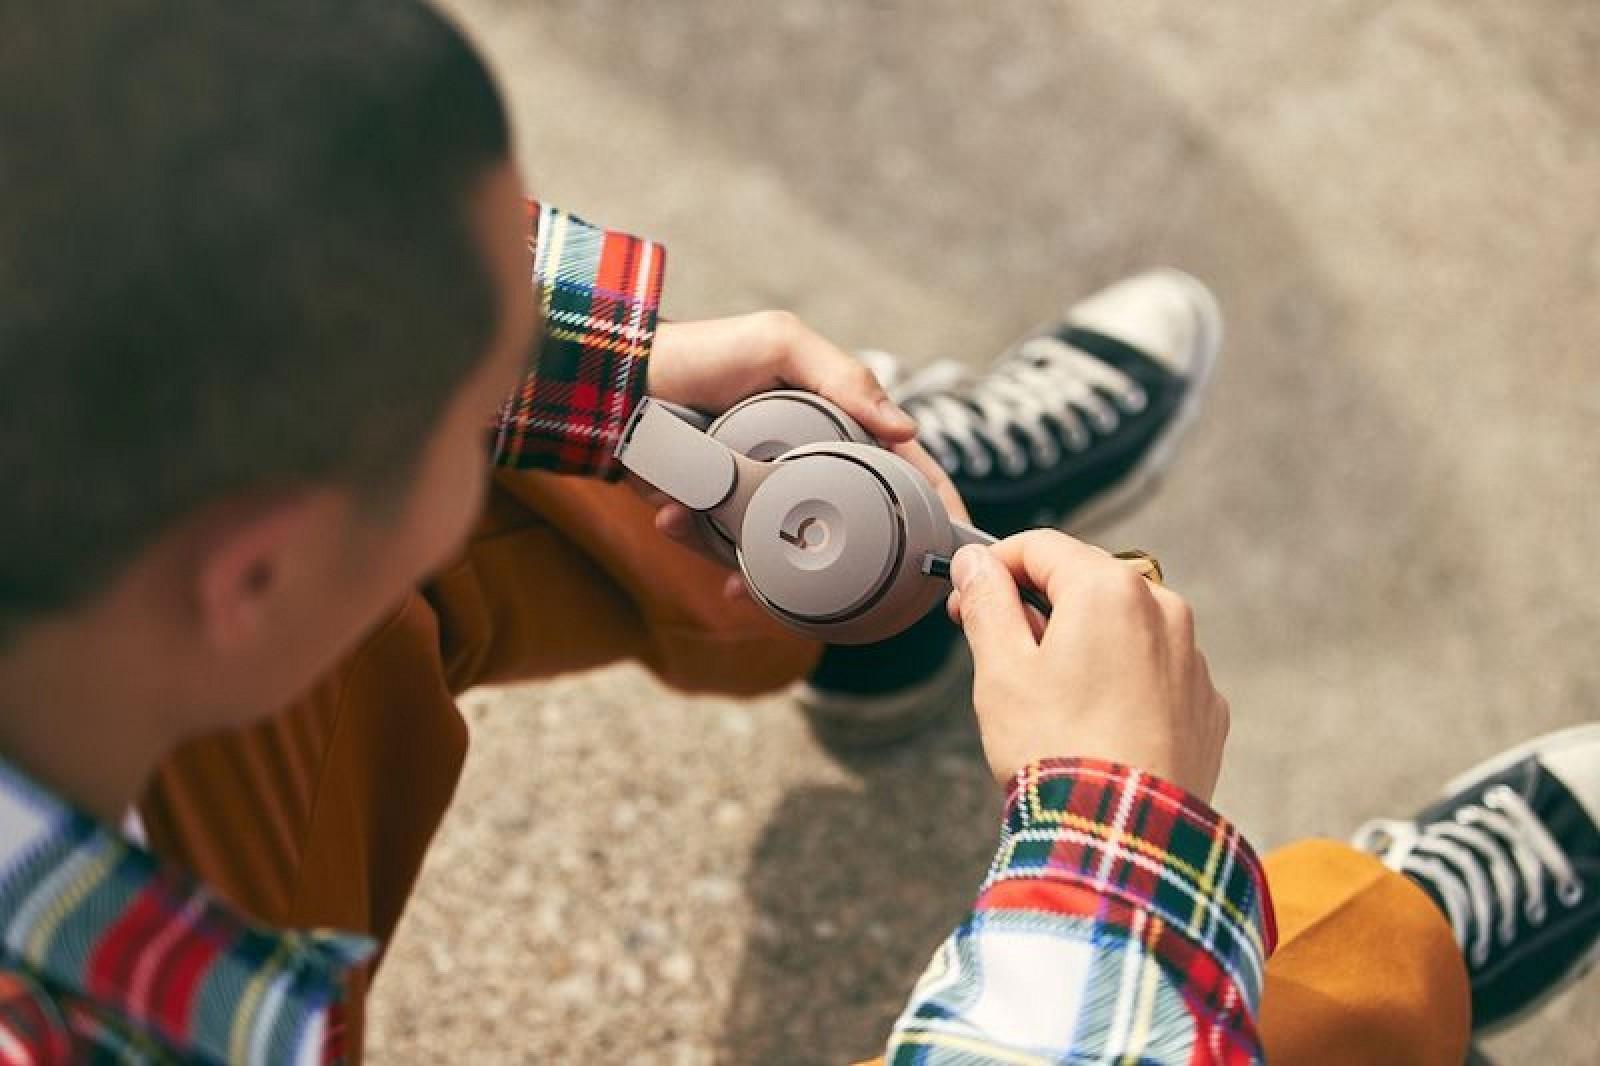 Apple ra mắt tai nghe không dây chống ồn Beats Solo Pro, giá 300 USD - Ảnh 2.